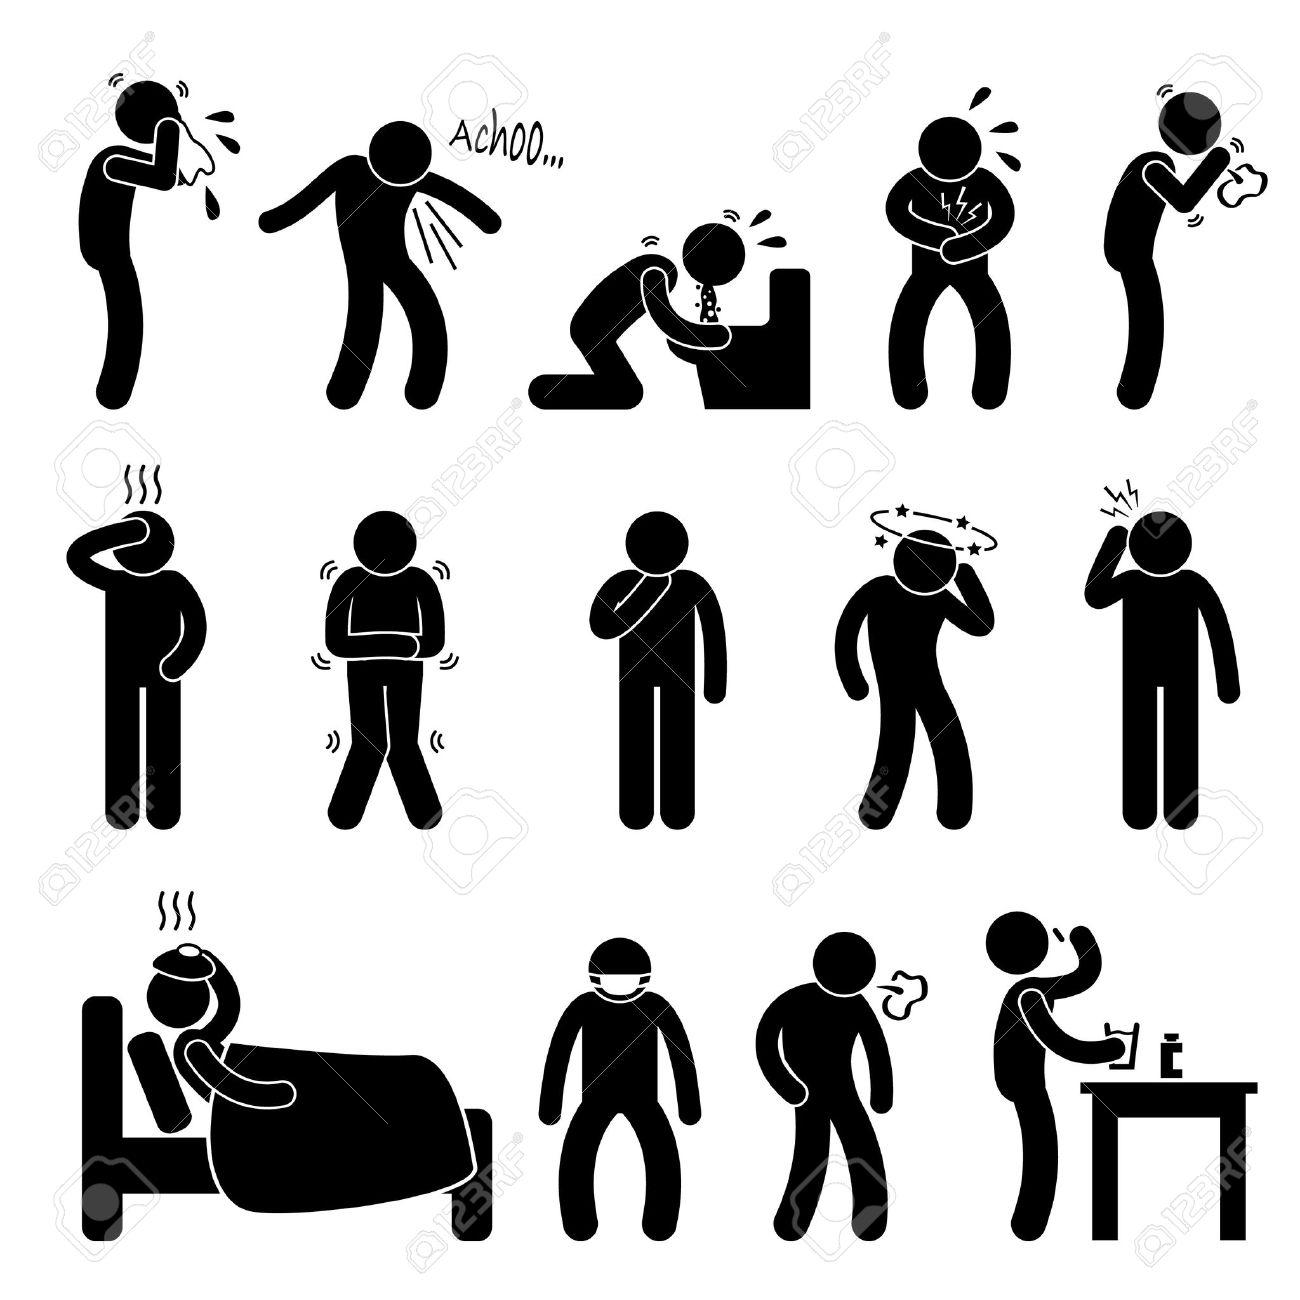 https://i2.wp.com/previews.123rf.com/images/leremy/leremy1304/leremy130400139/18797522-Malato-malato-febbre-flu-freddo-Starnuto-Tosse-Vomito-Disease-Stick-Figure-Pittogramma-Icona-Archivio-Fotografico.jpg